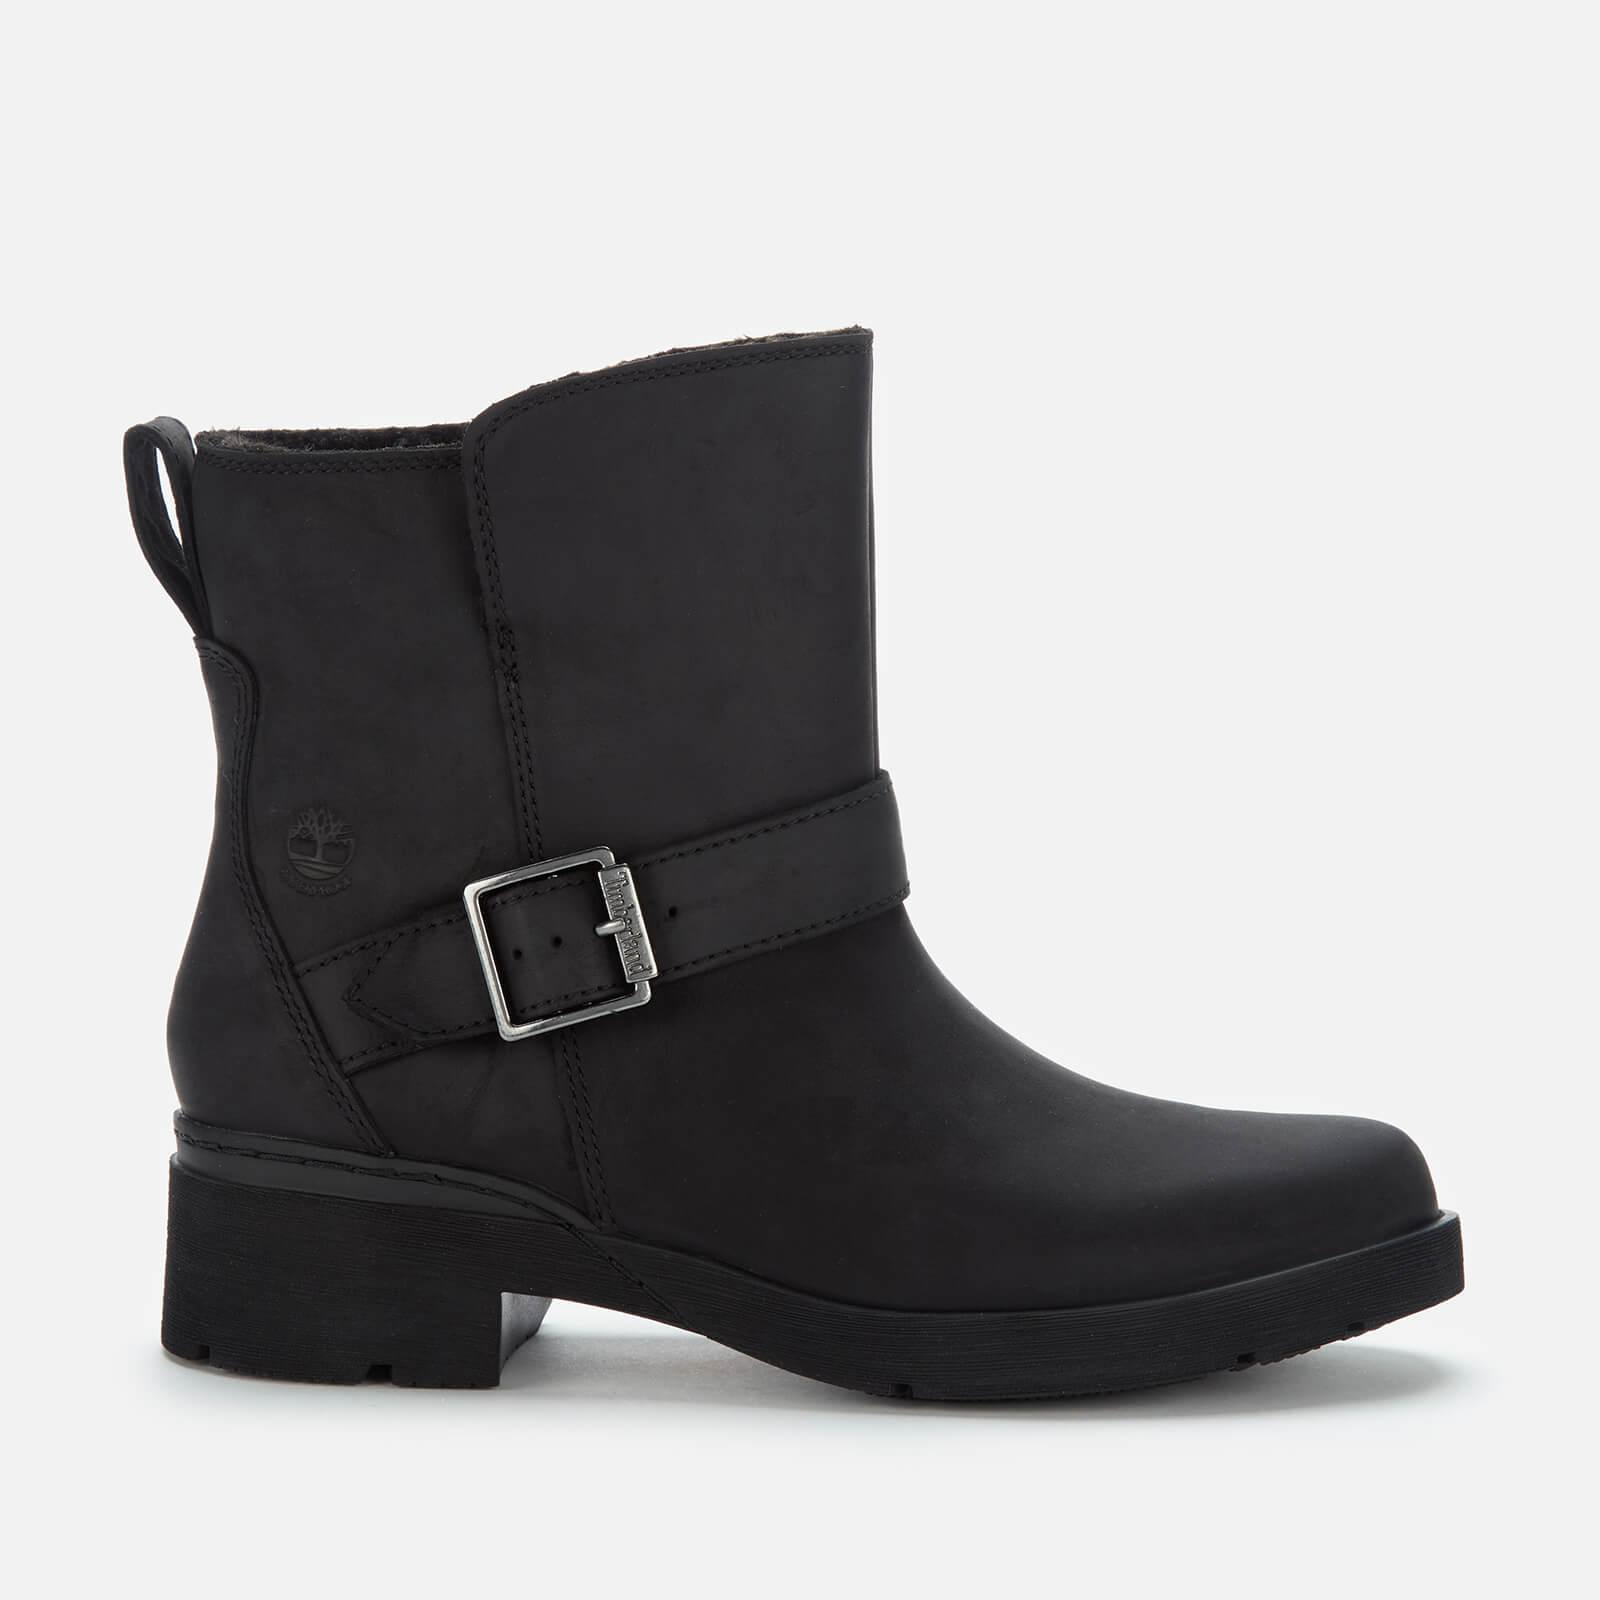 Timberland Women's Graceyn Waterproof Leather Biker Boots - Black - Uk 3